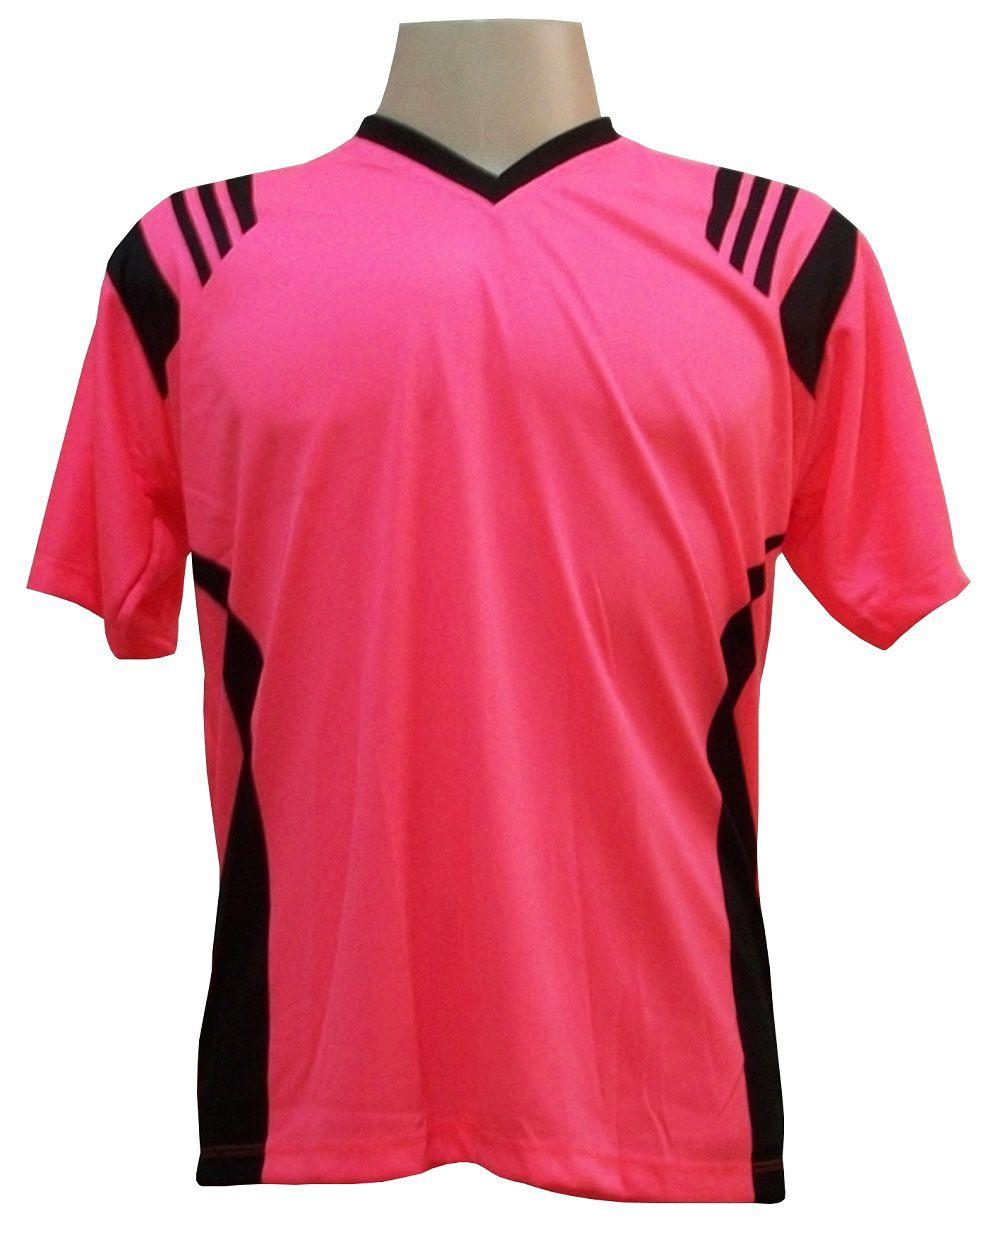 Jogo de Camisa com 12 unidades modelo Roma Rosa/Preto + 1 Goleiro + Brindes